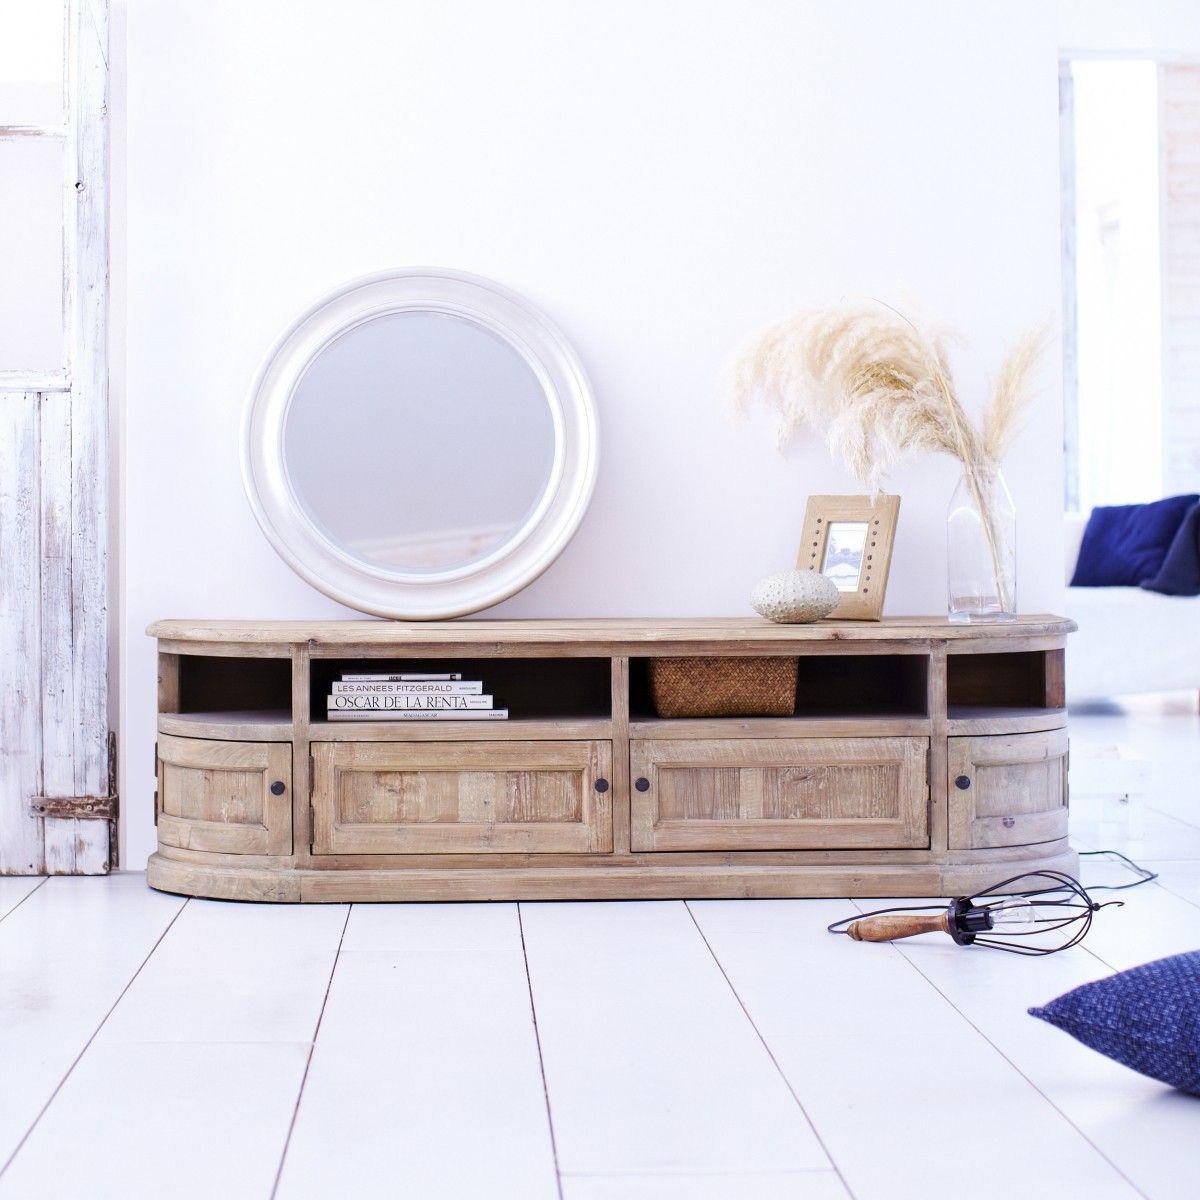 Meuble Tv En Pin 180 Celeste Les Salon Salon Et Meubles # Meuble Tv En Pin Couleur Miel